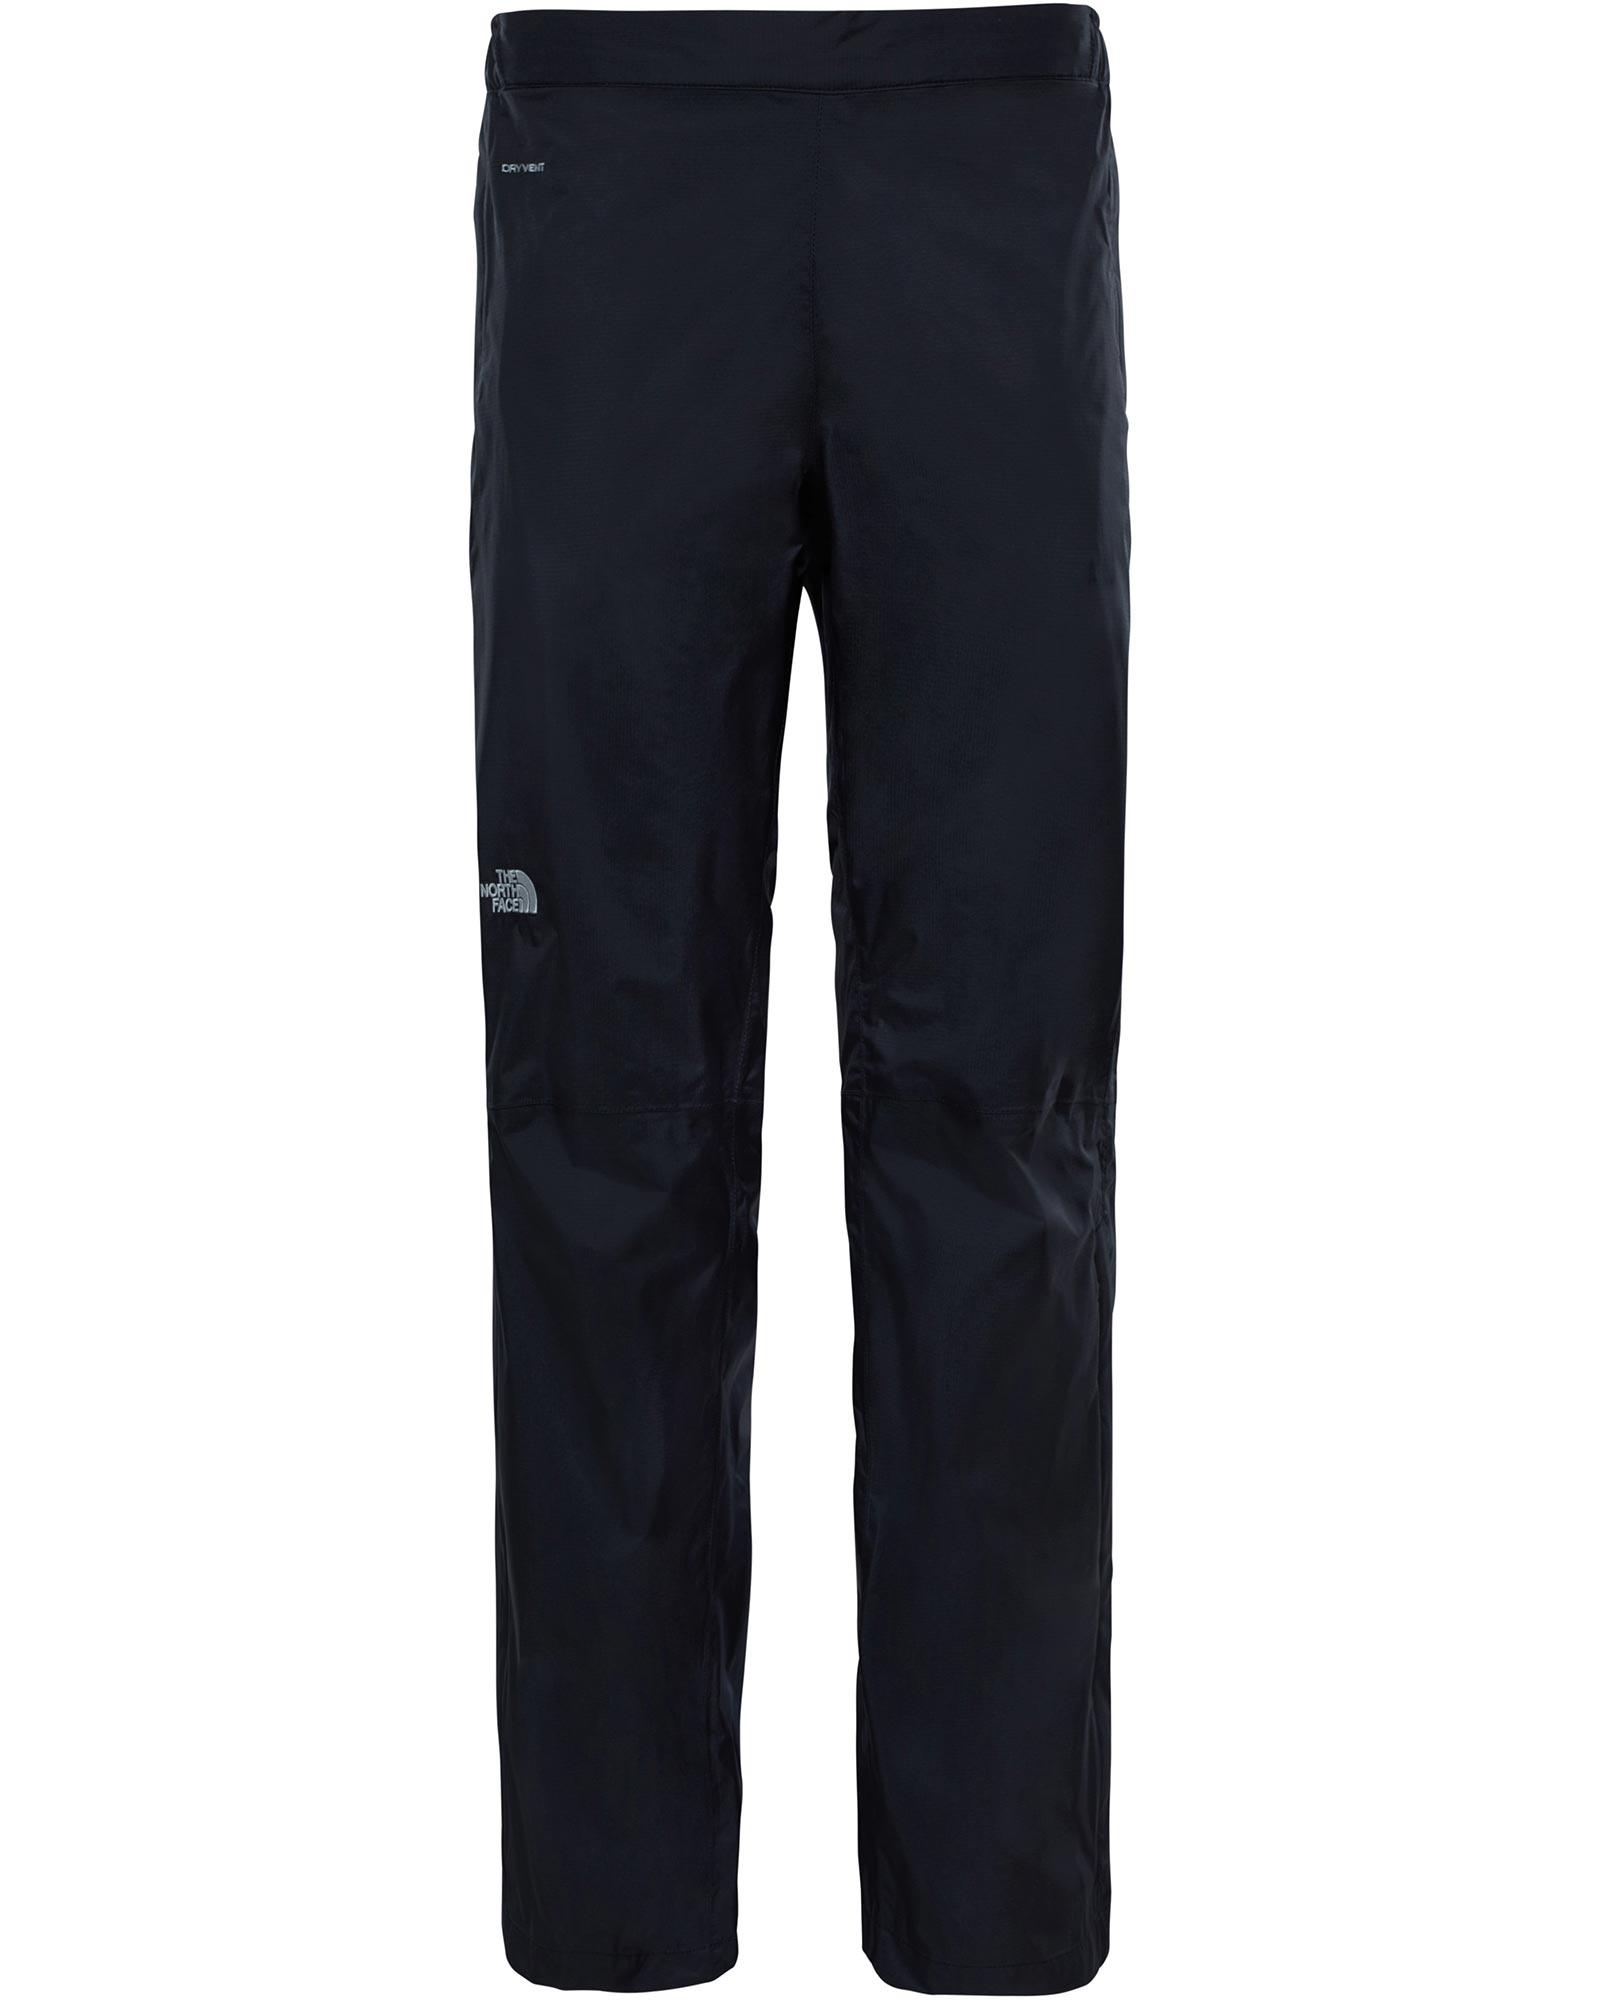 The North Face Women's Venture DryVent Half Zip Waterproof Pants Regular Leg 0